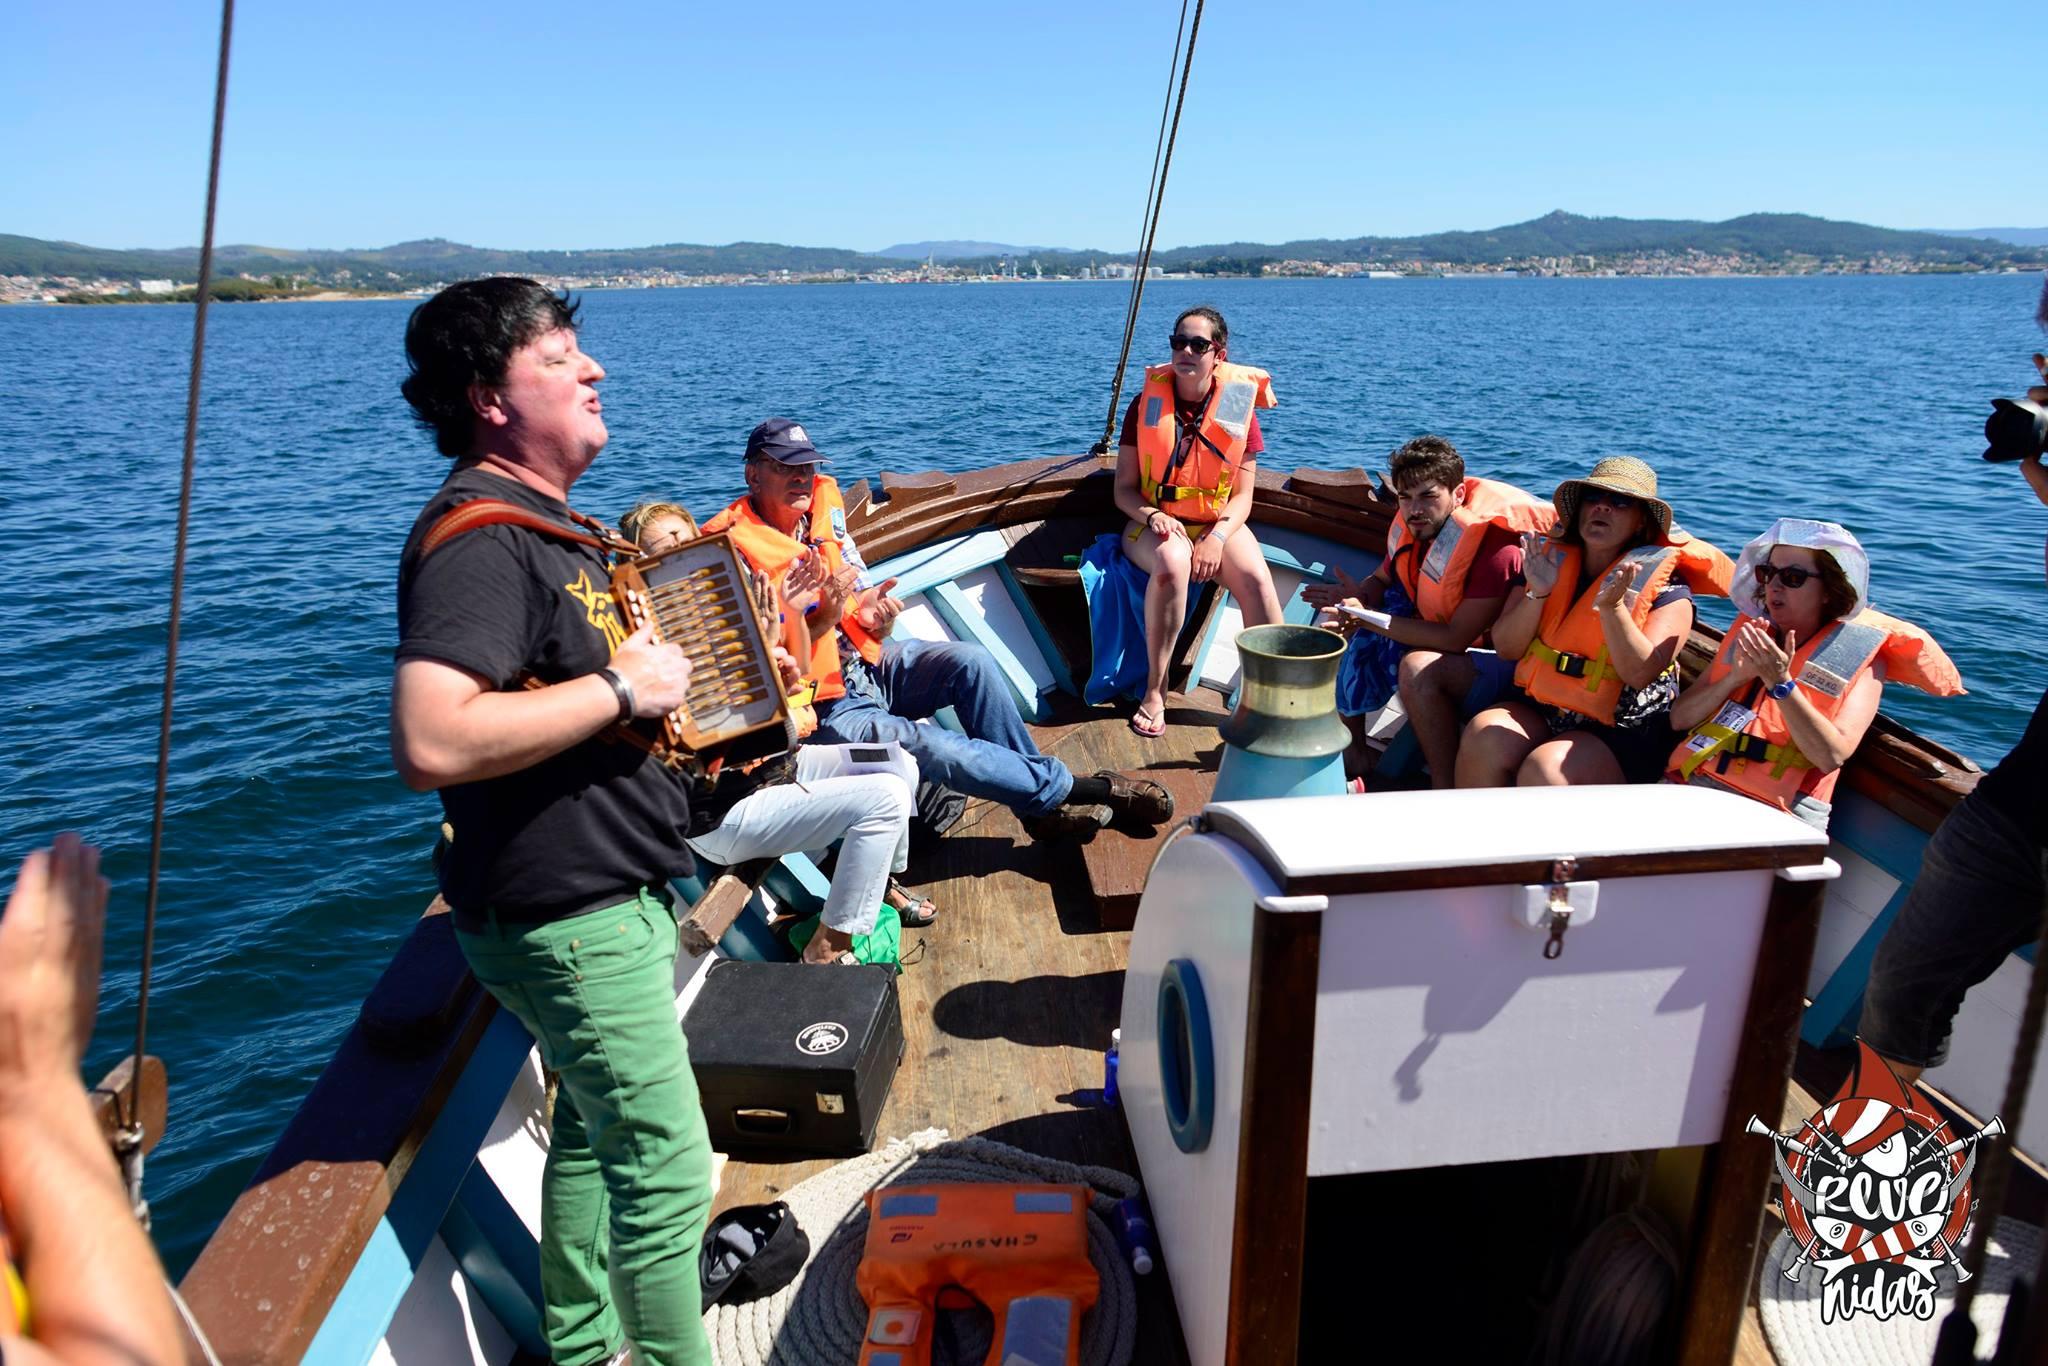 conciertos a bordo revenidas 2017 Xurxo Souto